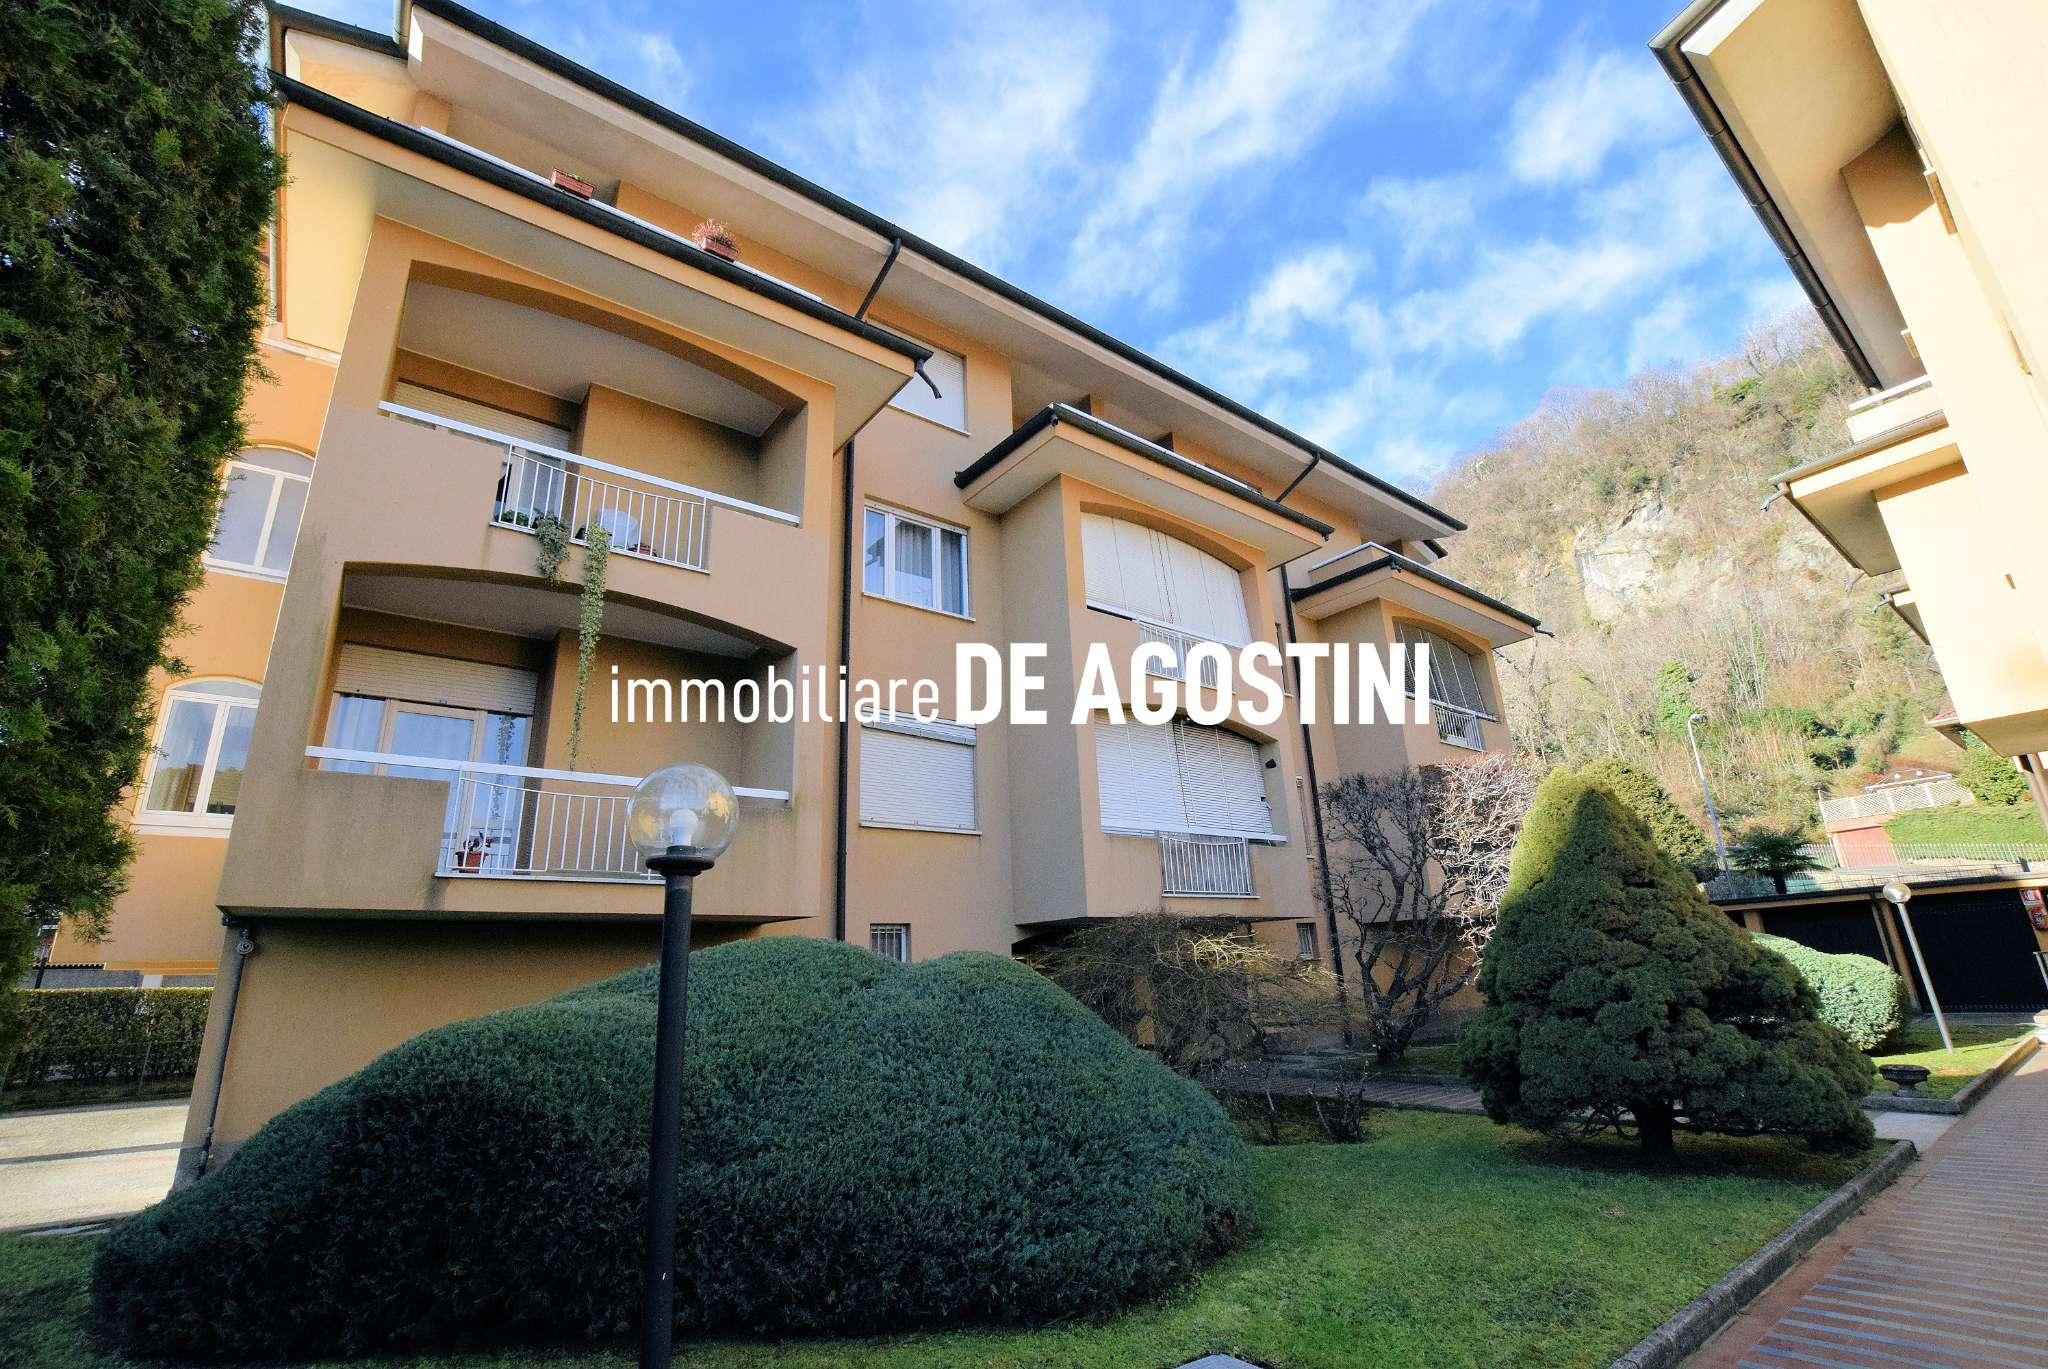 Appartamento in vendita a Arona, 2 locali, prezzo € 125.000   CambioCasa.it